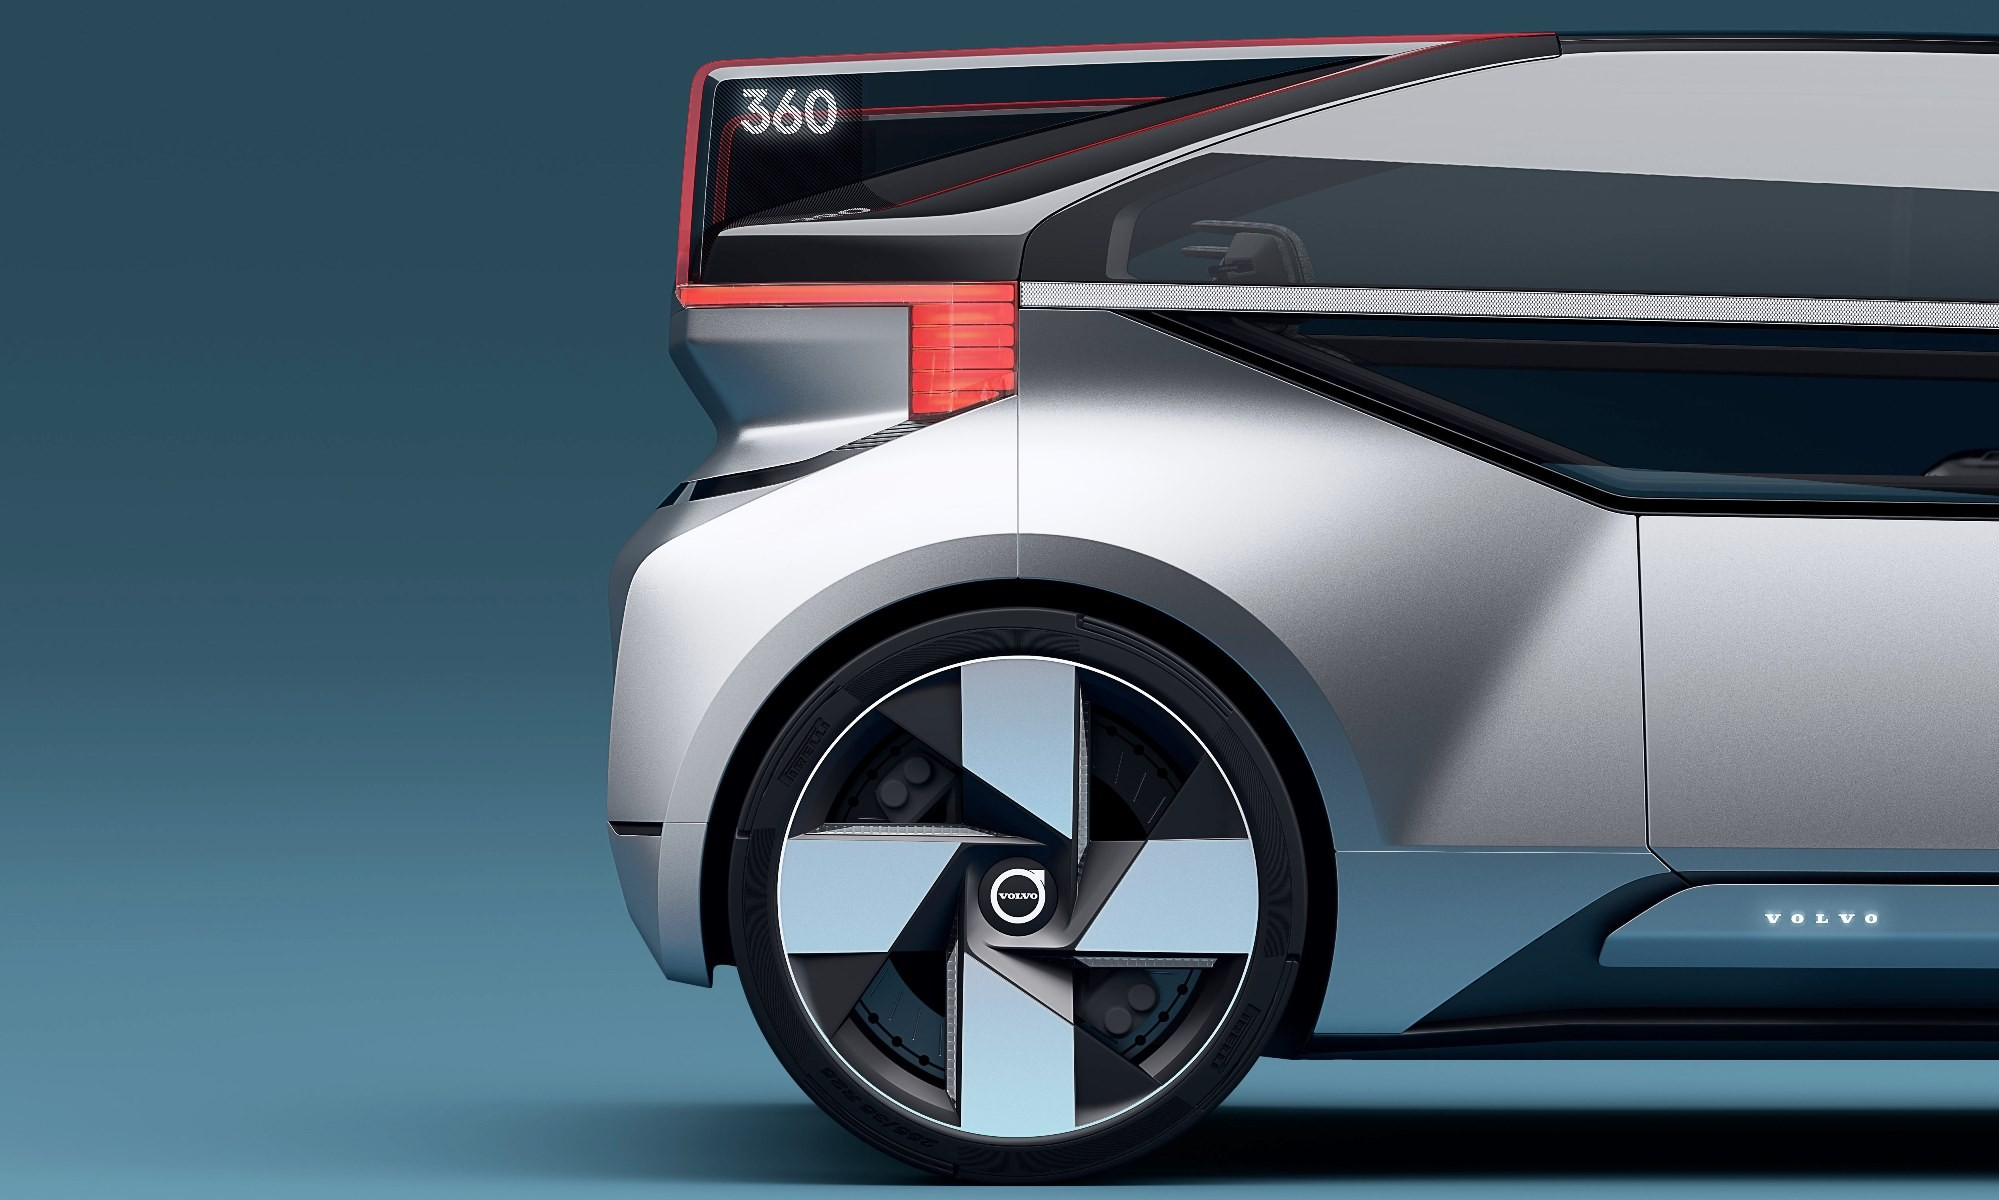 Volvo 360c square lines